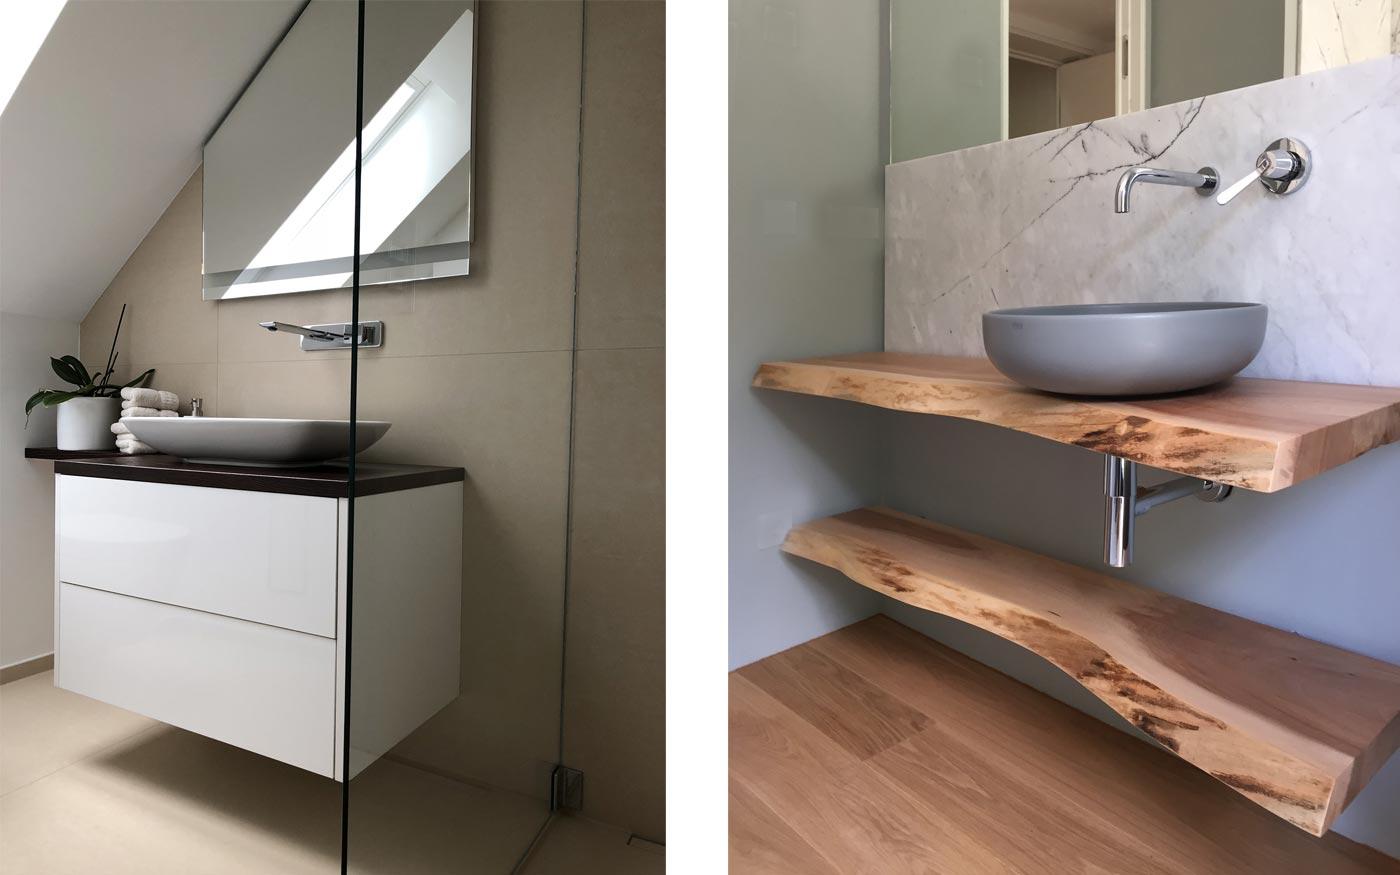 Beispiele Tischler-Arbeiten Bad